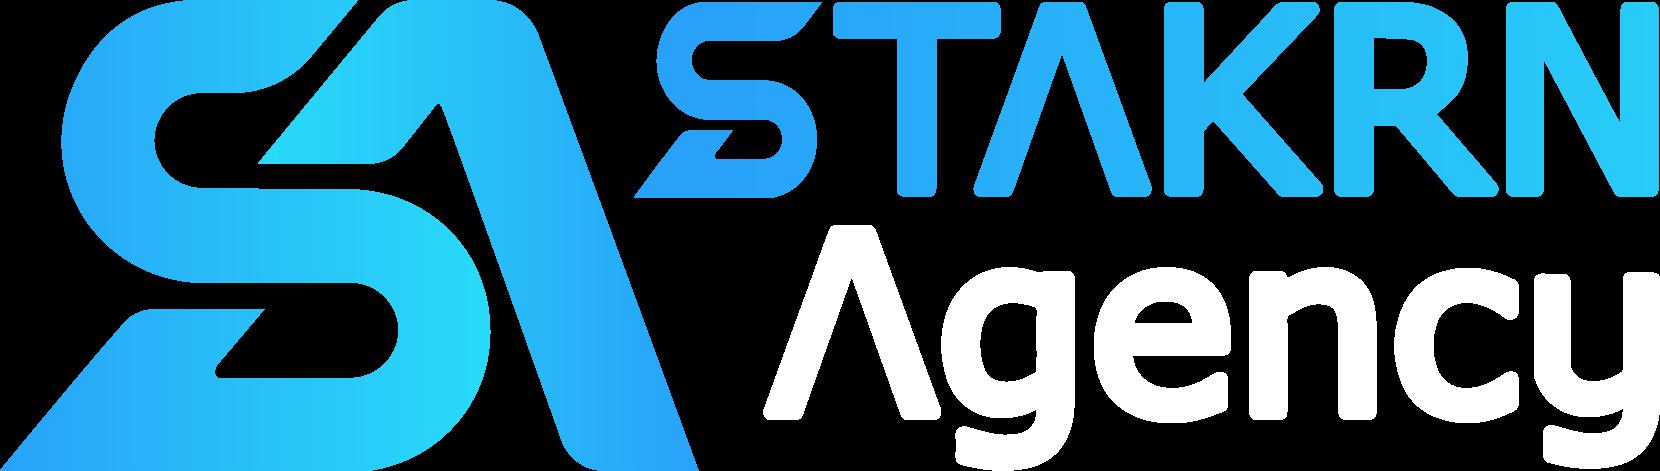 STAKRN Agency Logo vertical